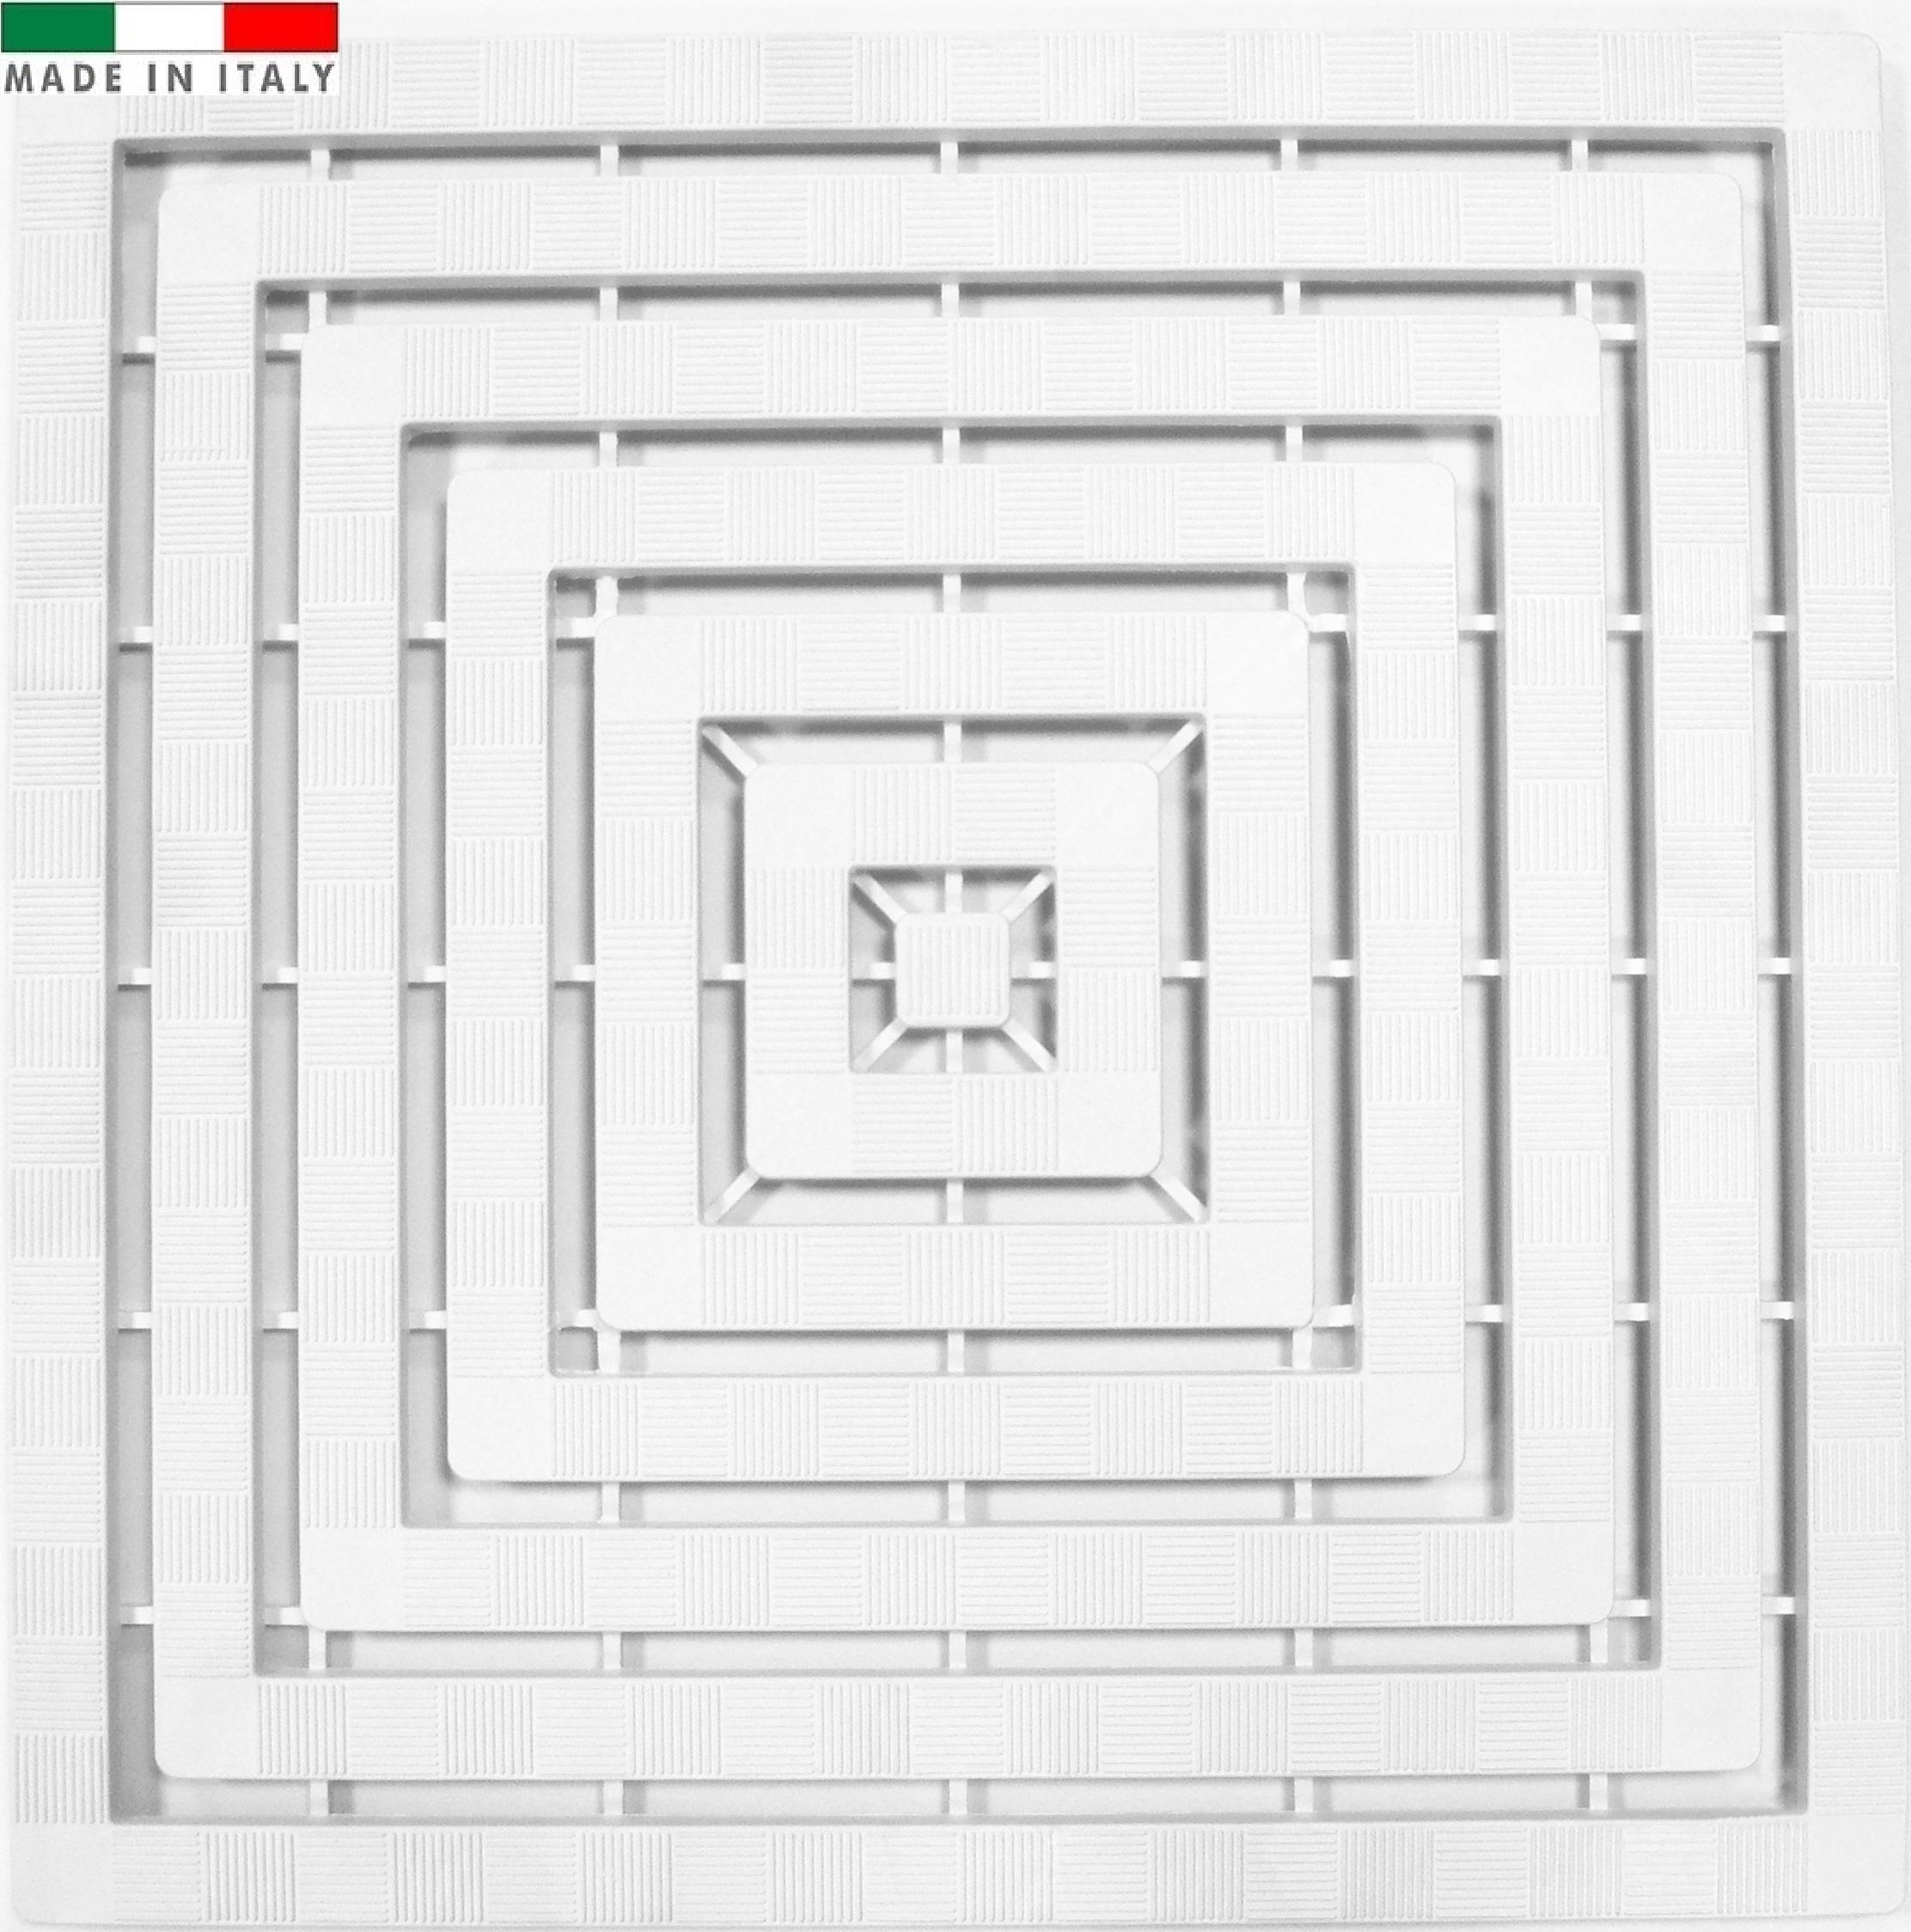 Pedana Per Doccia Plastica.Cenni Pedana Doccia 60 X 60 Plastica Cenni Ettore Figlio